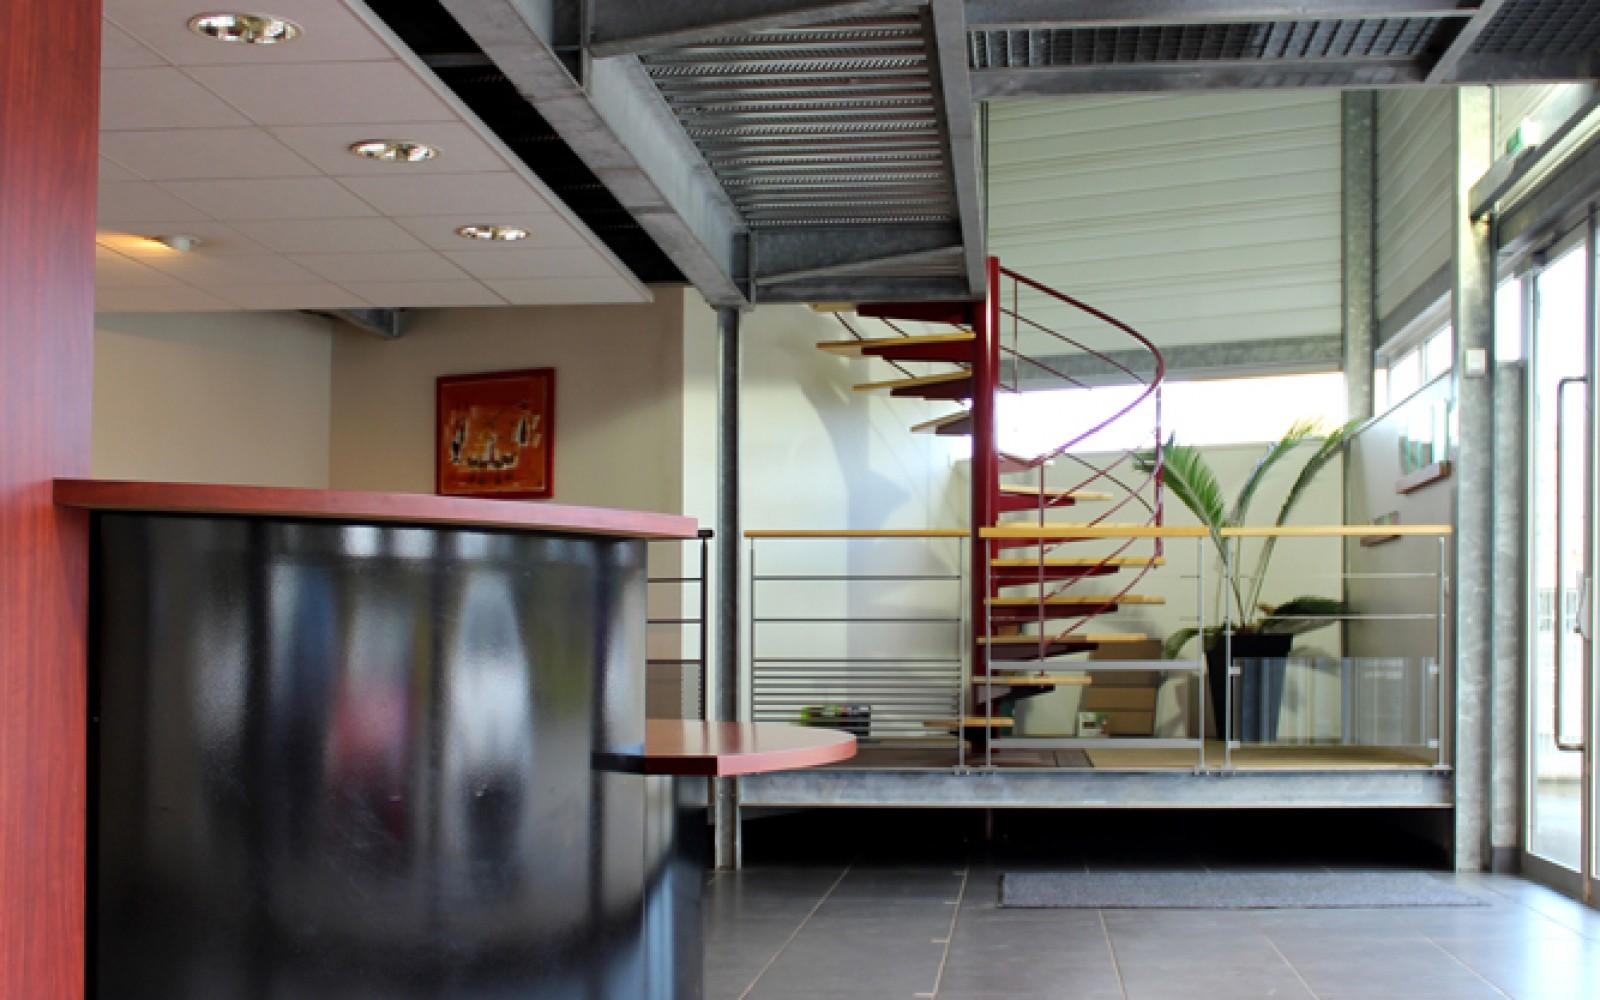 extension-creation-salle-exposition-langueux-interieur-07-02